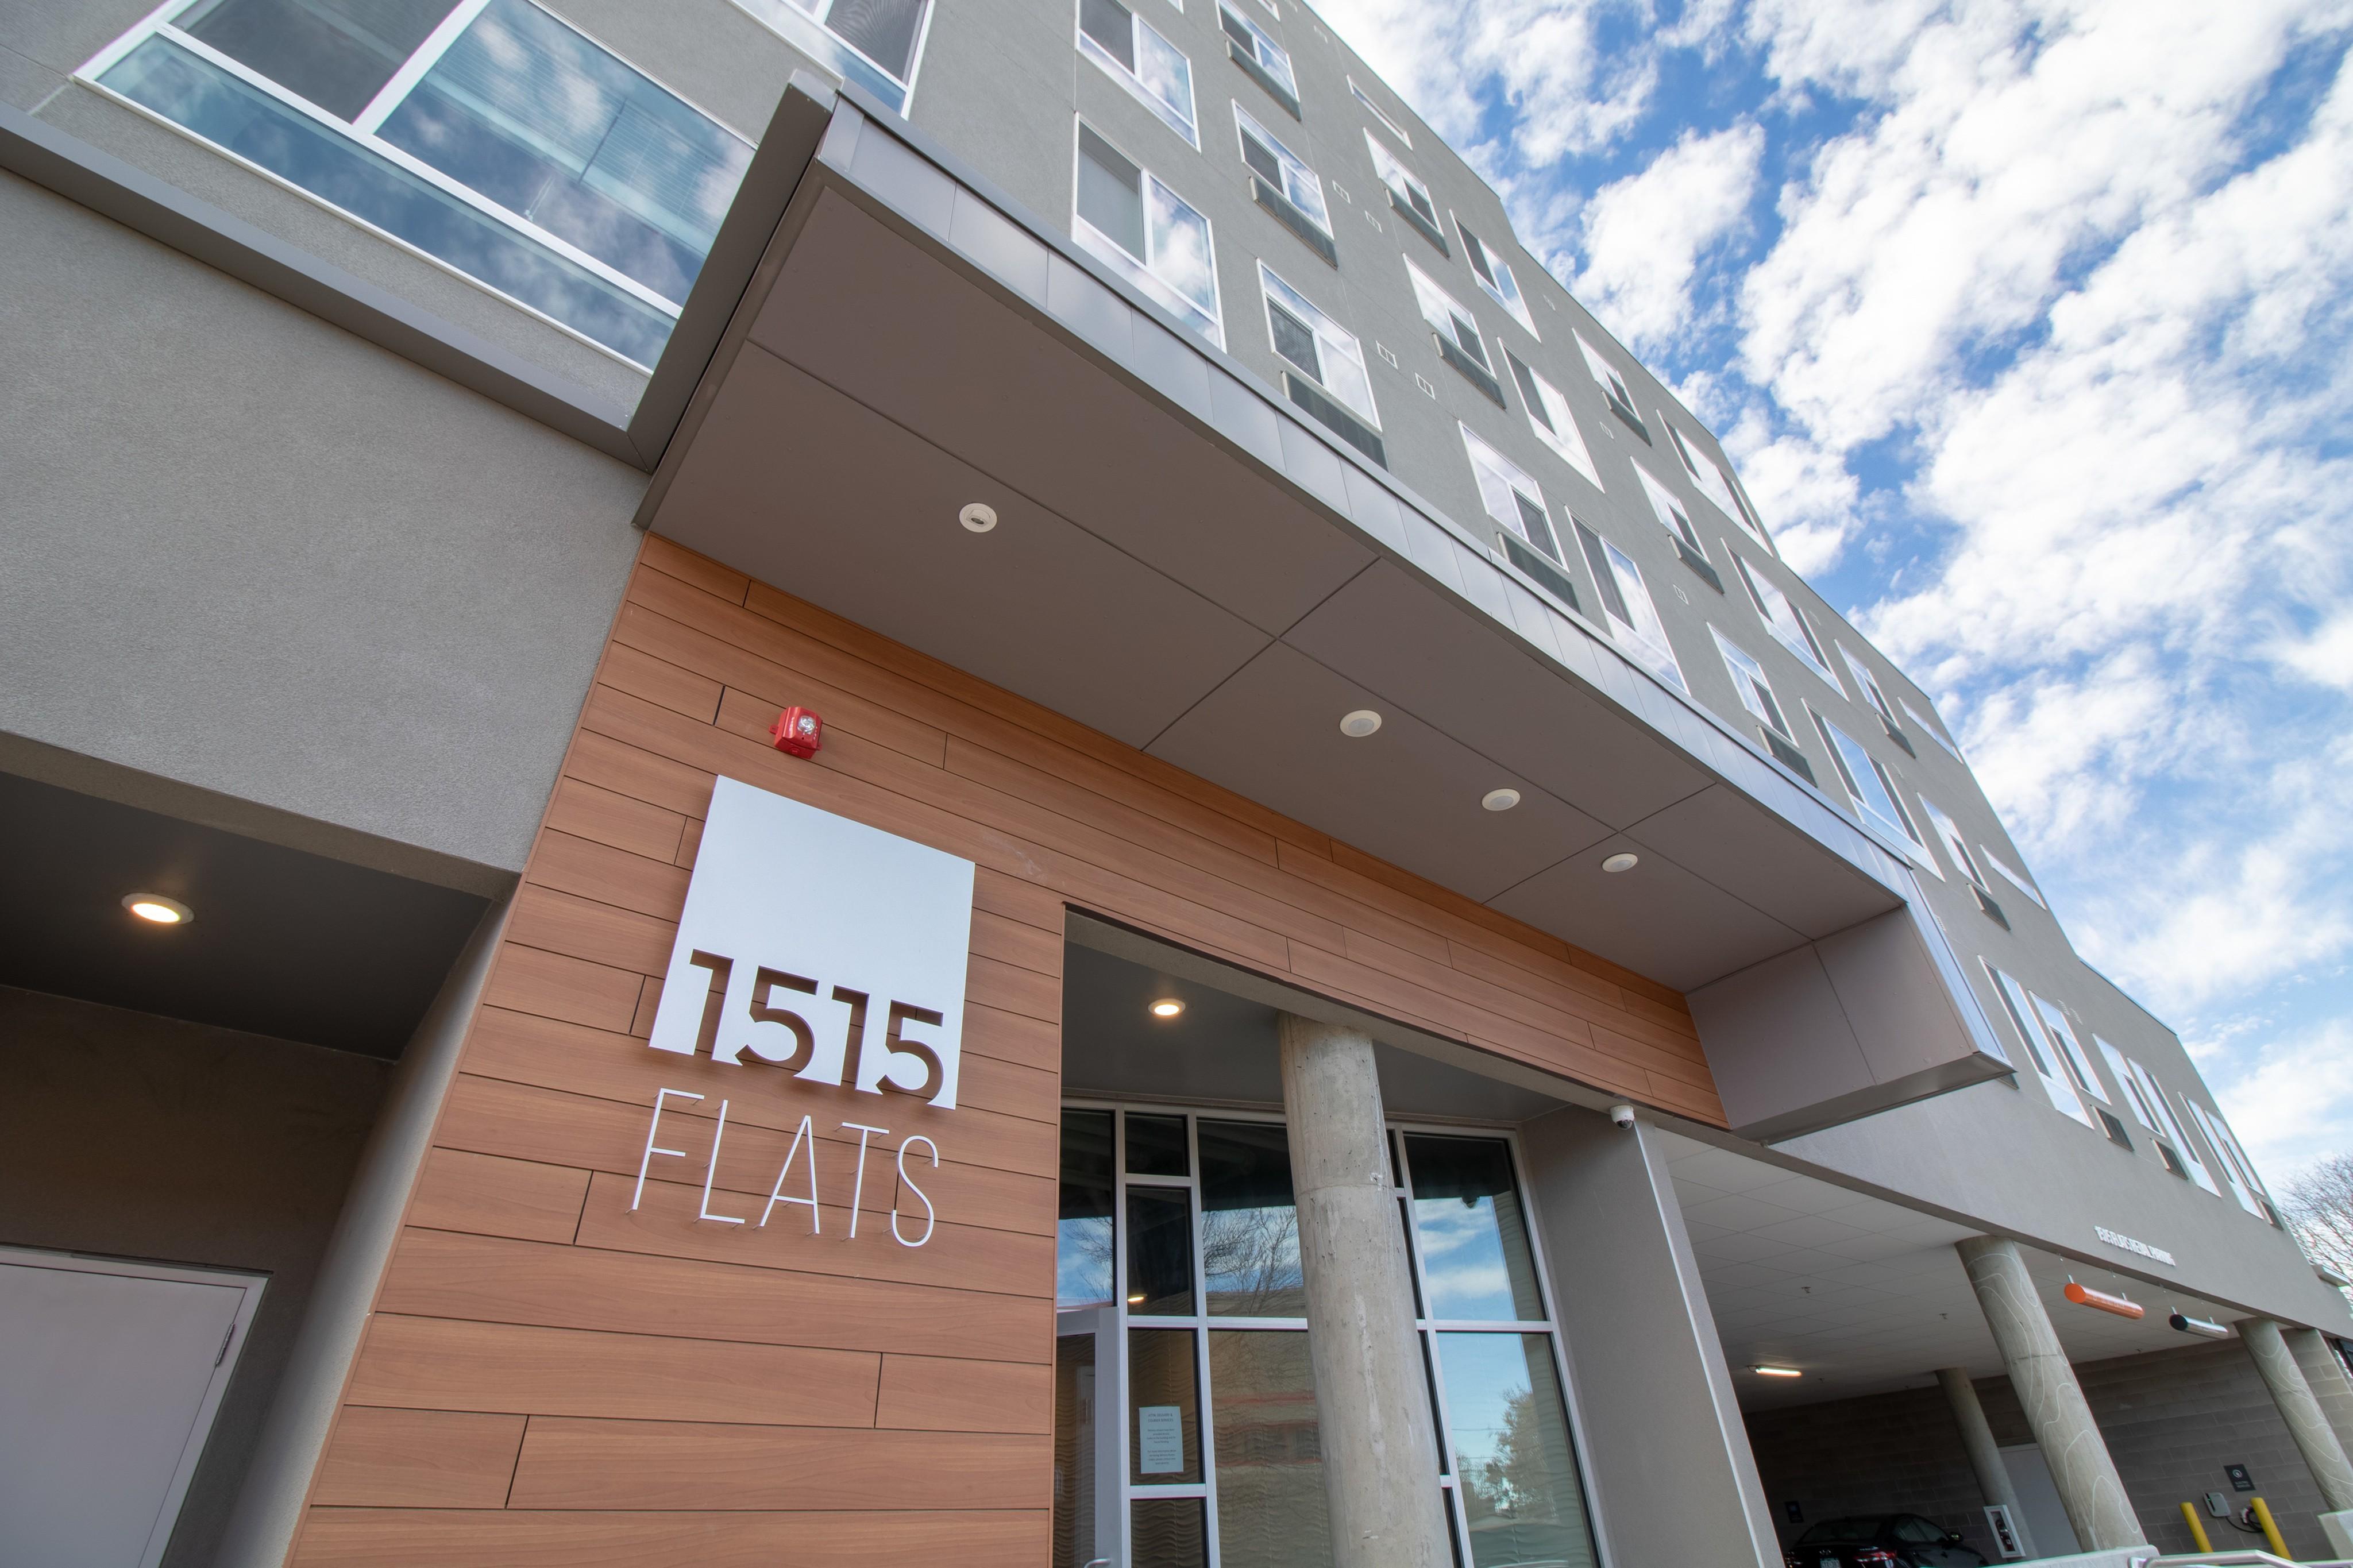 1515 Flats